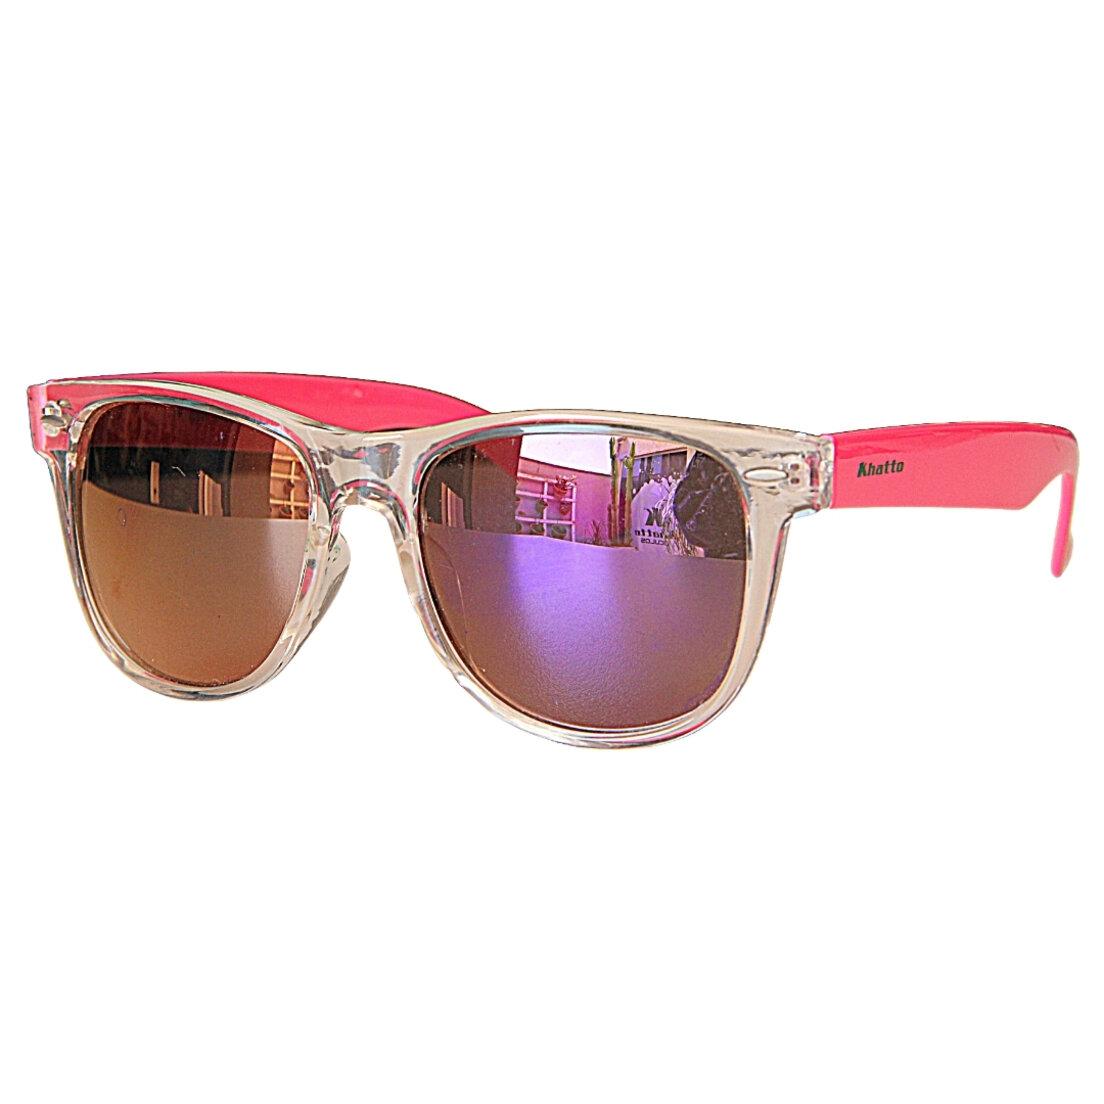 OUTLET - Óculos de Sol Khatto Square - Rosa